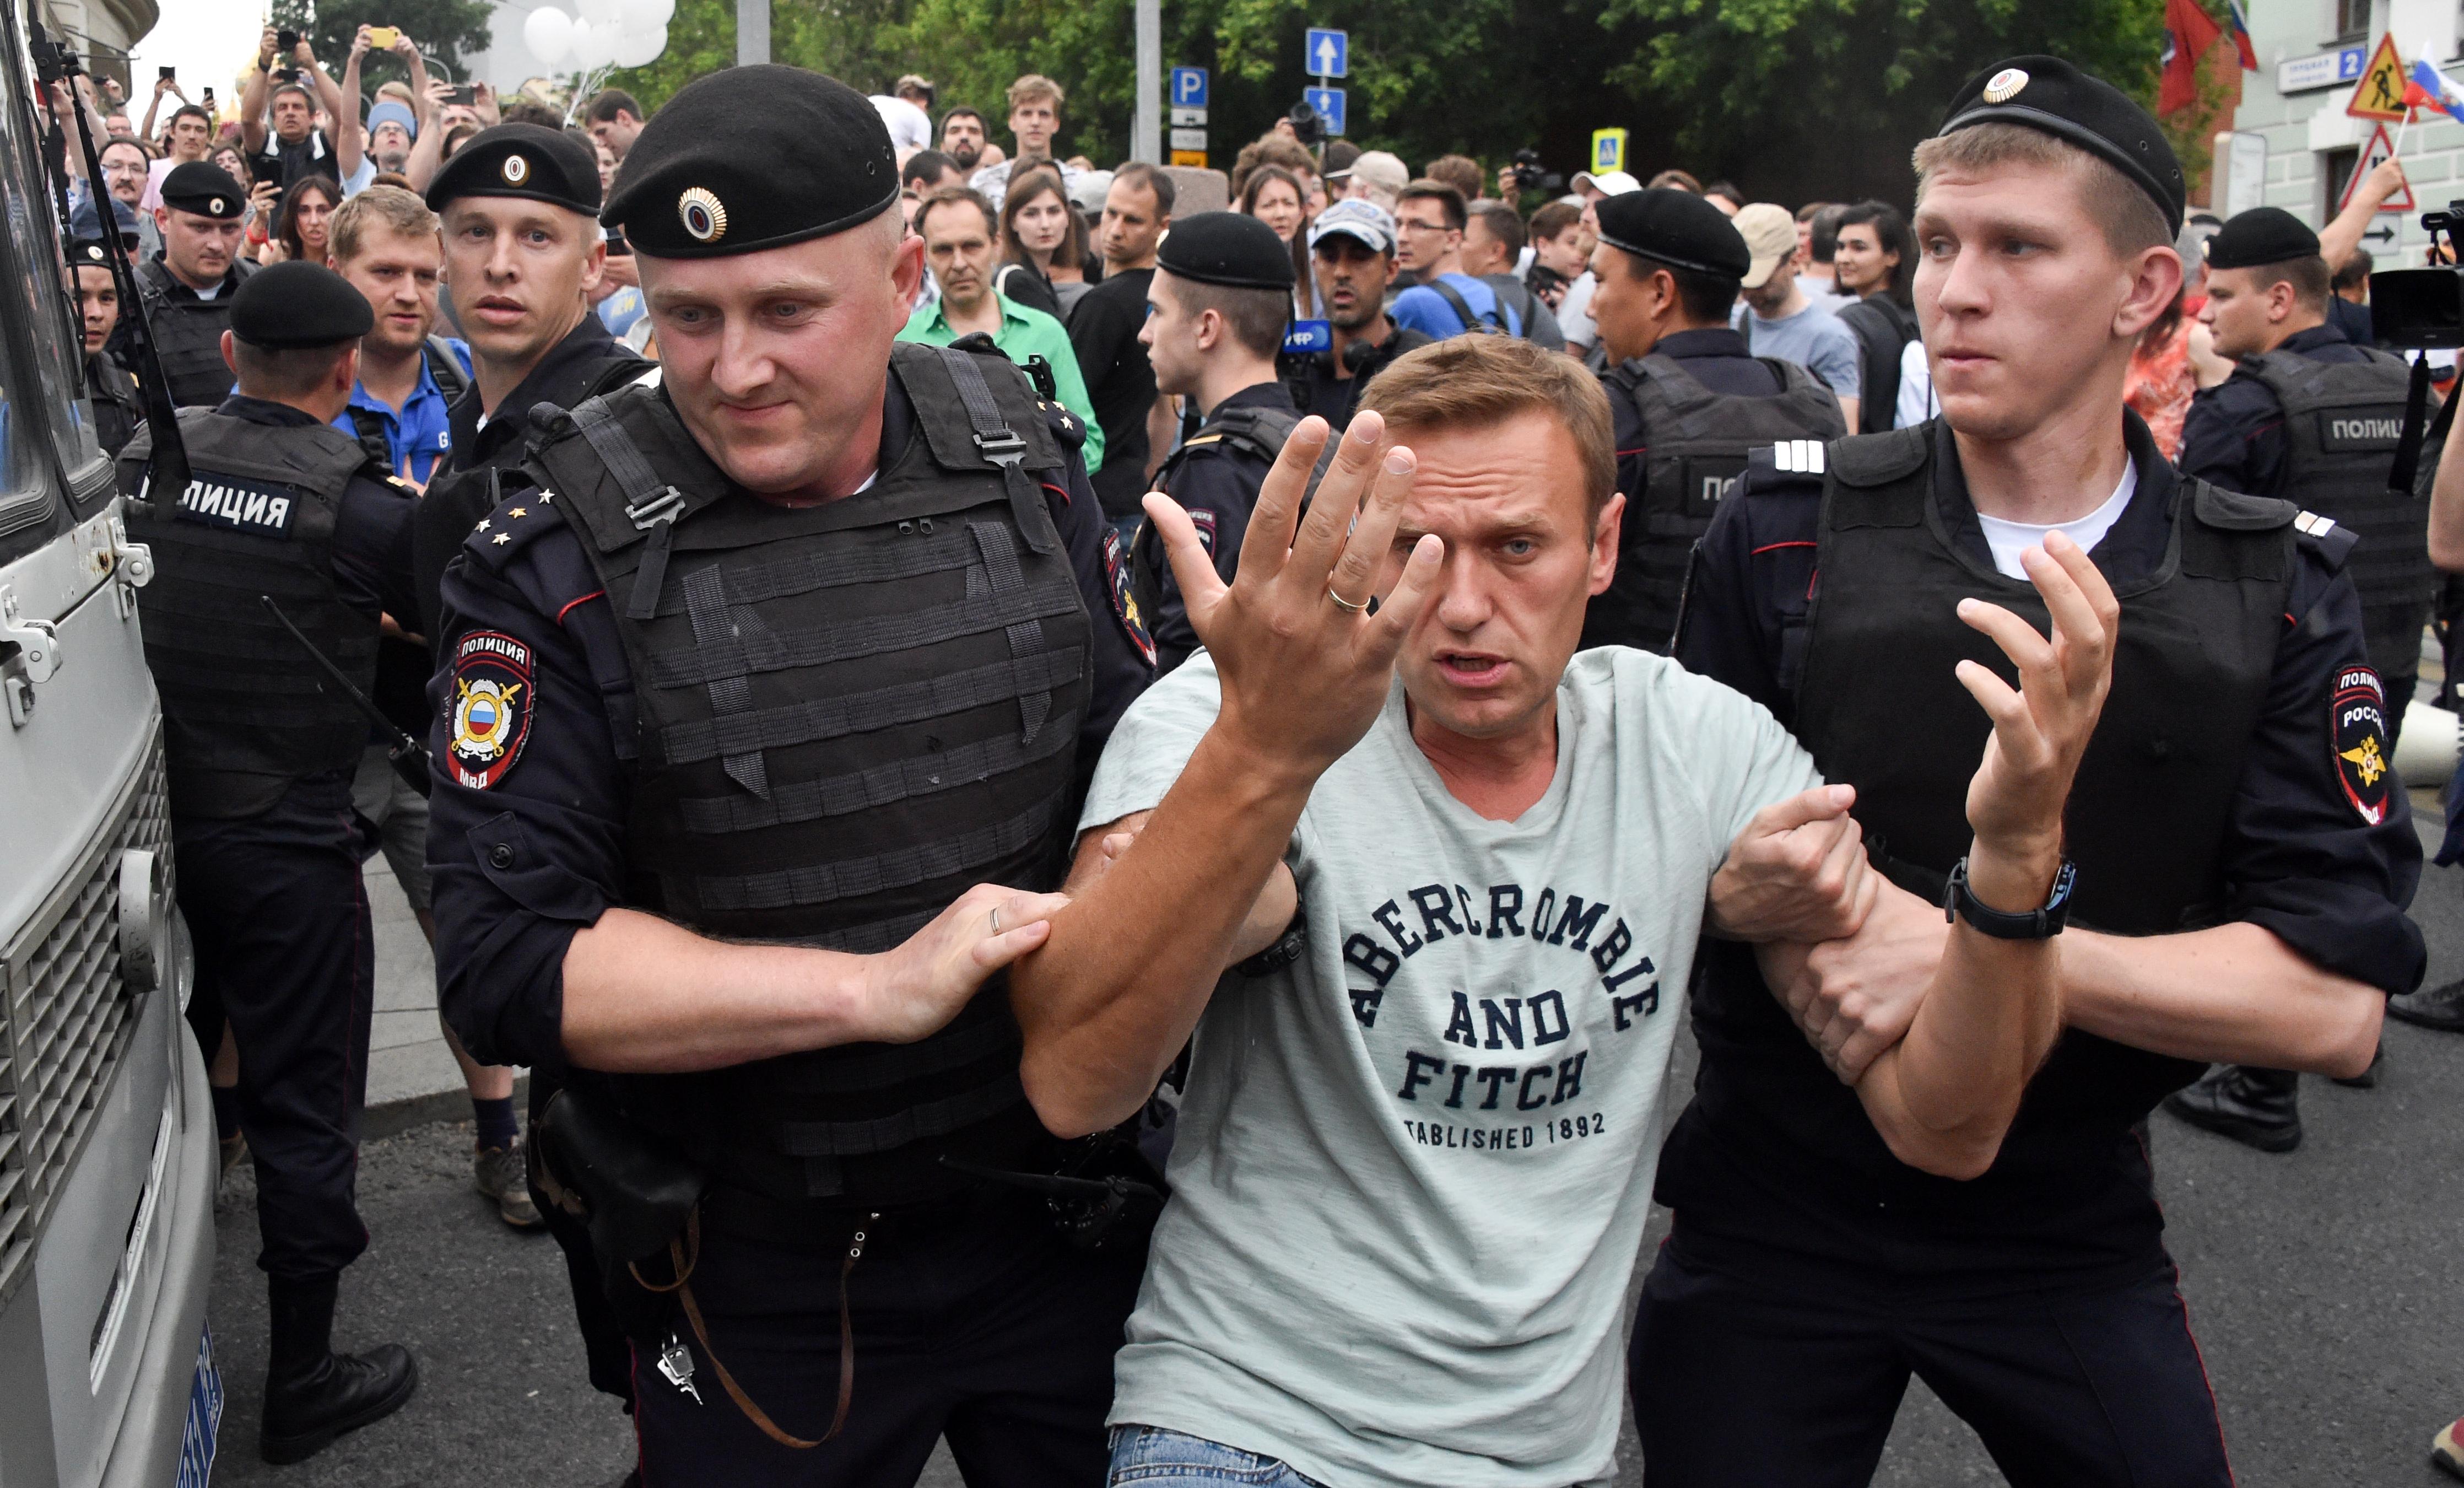 Azonosították a Navalnij elleni merényletet végrehajtó FSZB-s különítmény tagjait